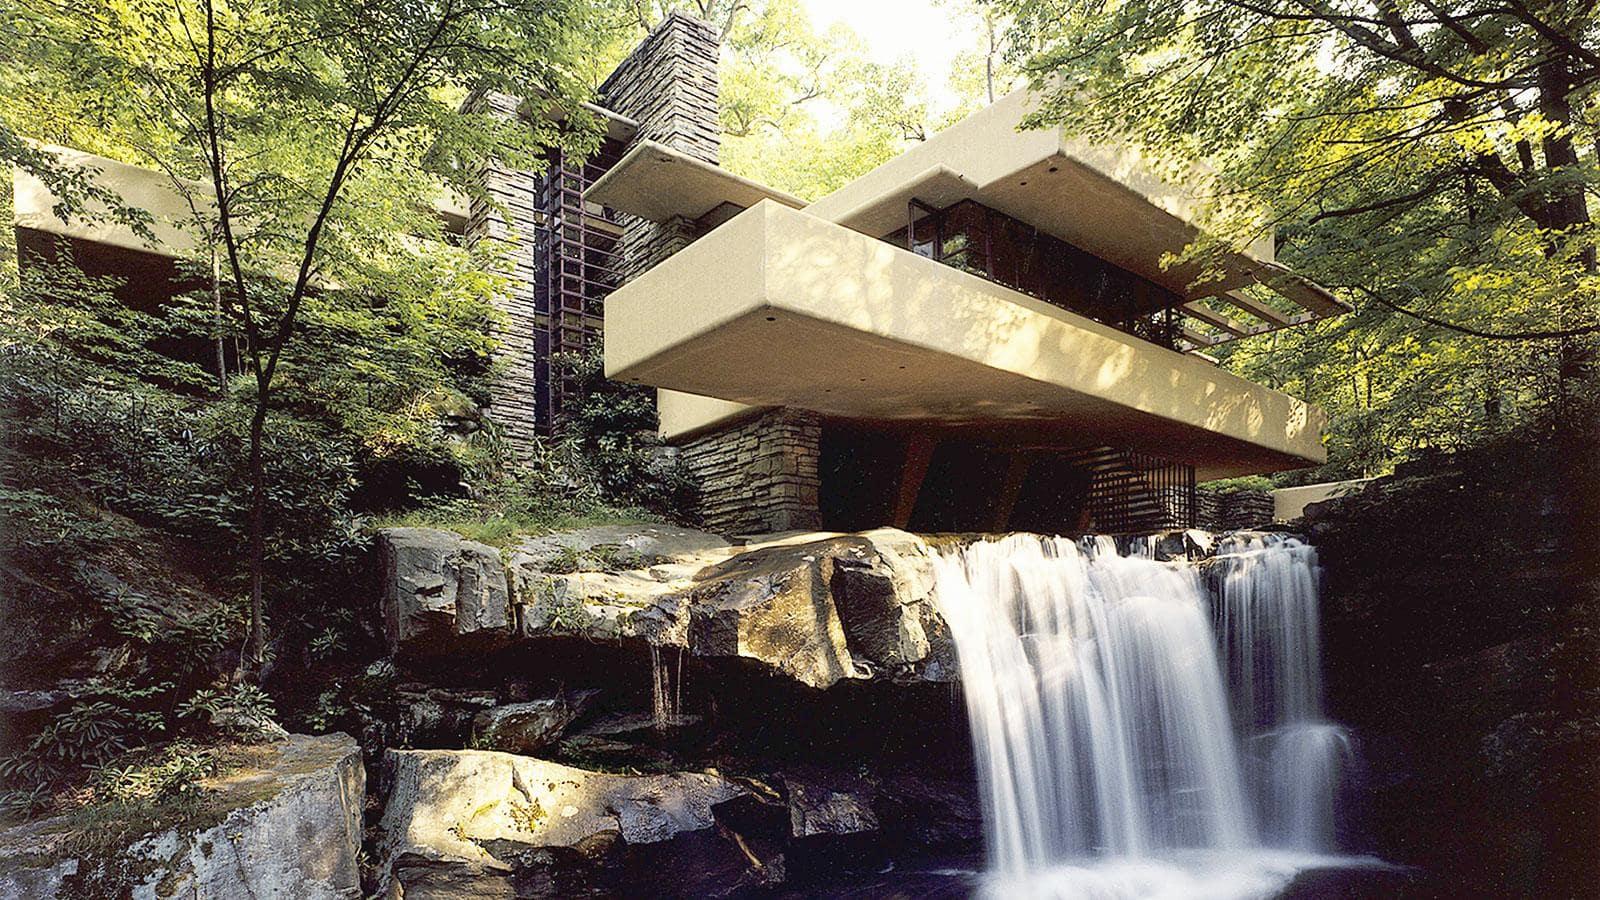 طراحی شده توسط فرانک لوید رایت با معماری مدرن